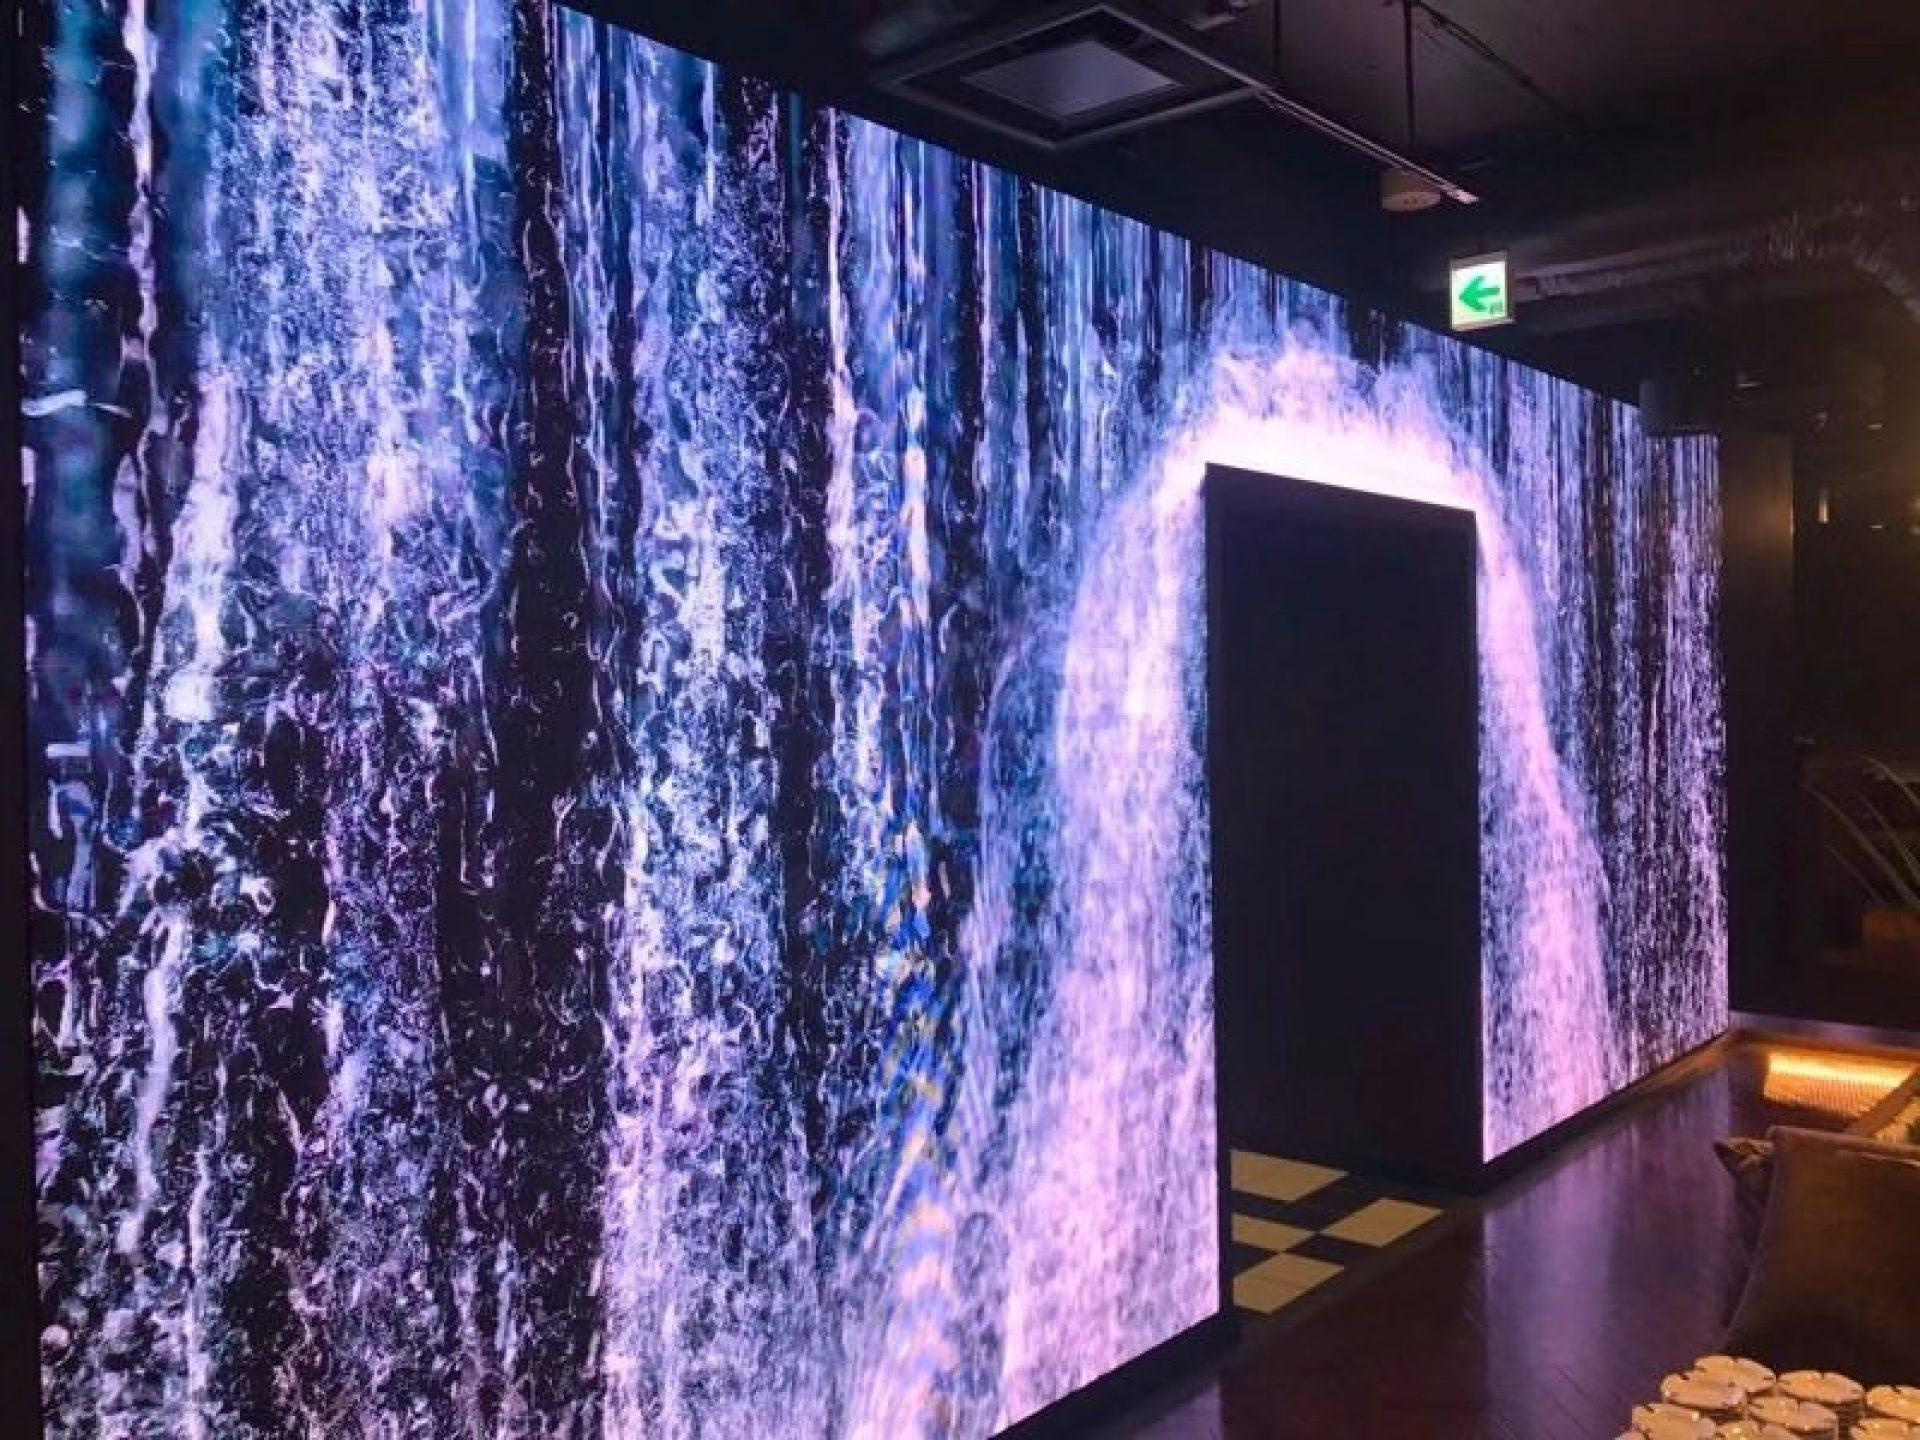 Digital video wall display of waterfall in lobby